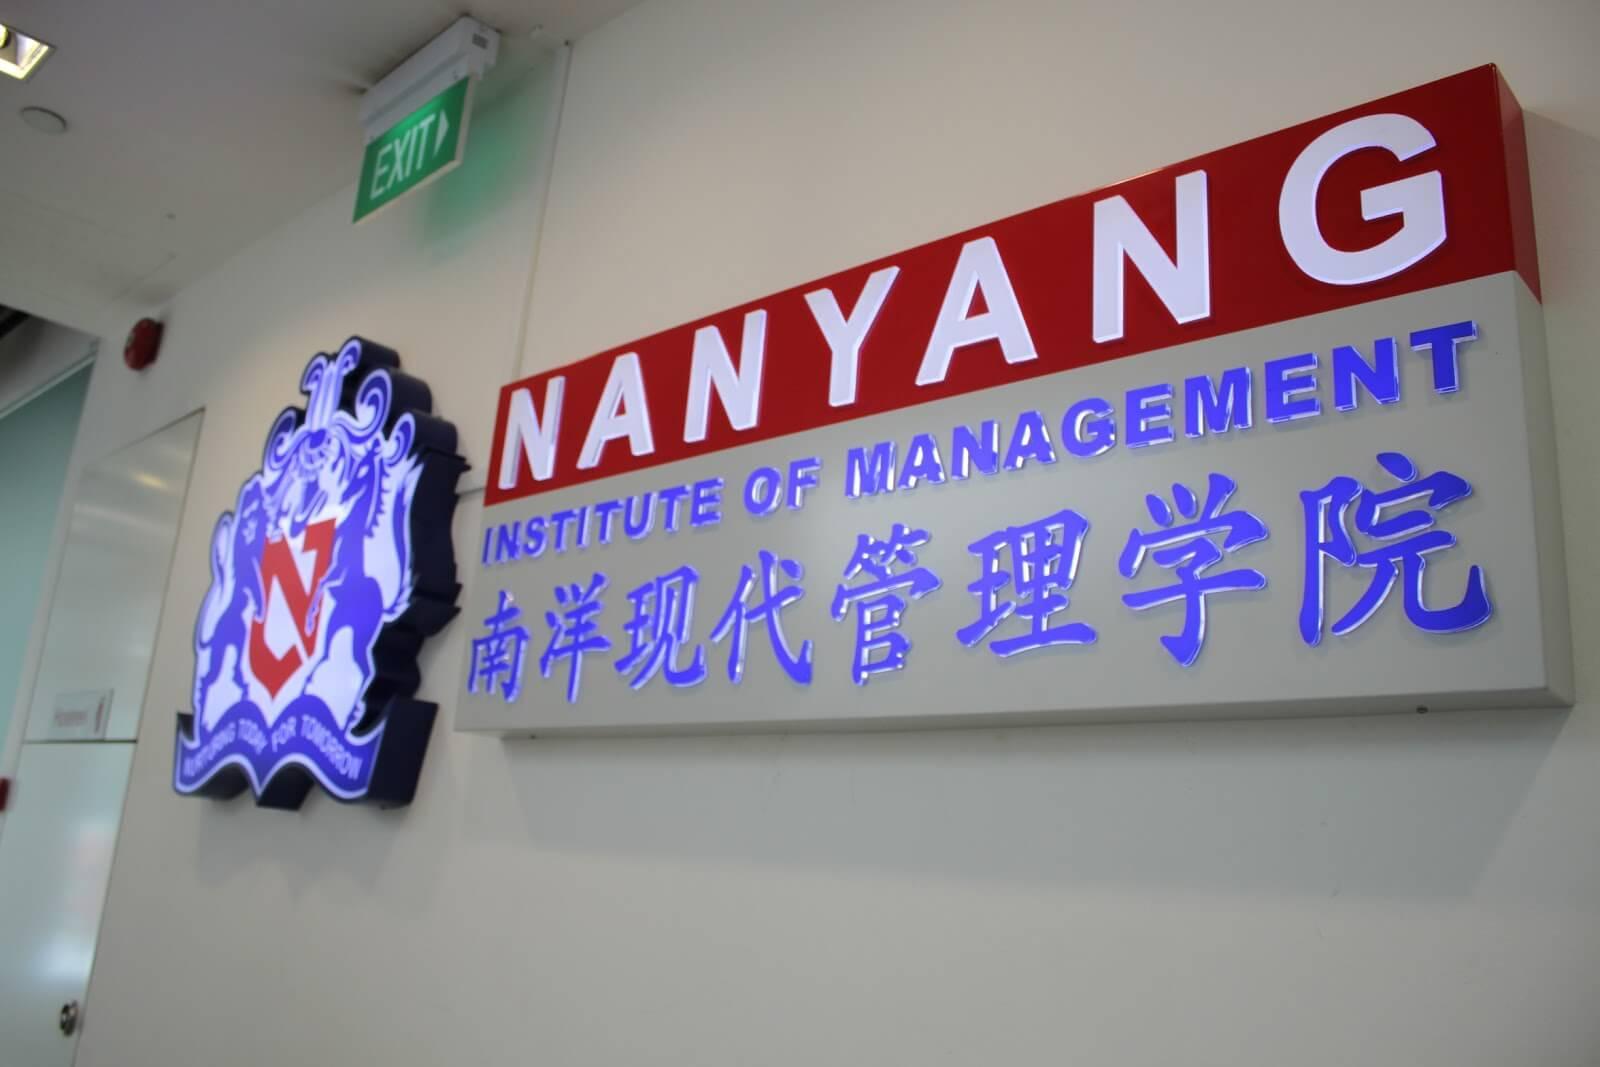 Hoc-vien-quan-ly-Nanyang-institu-management (1).JPG